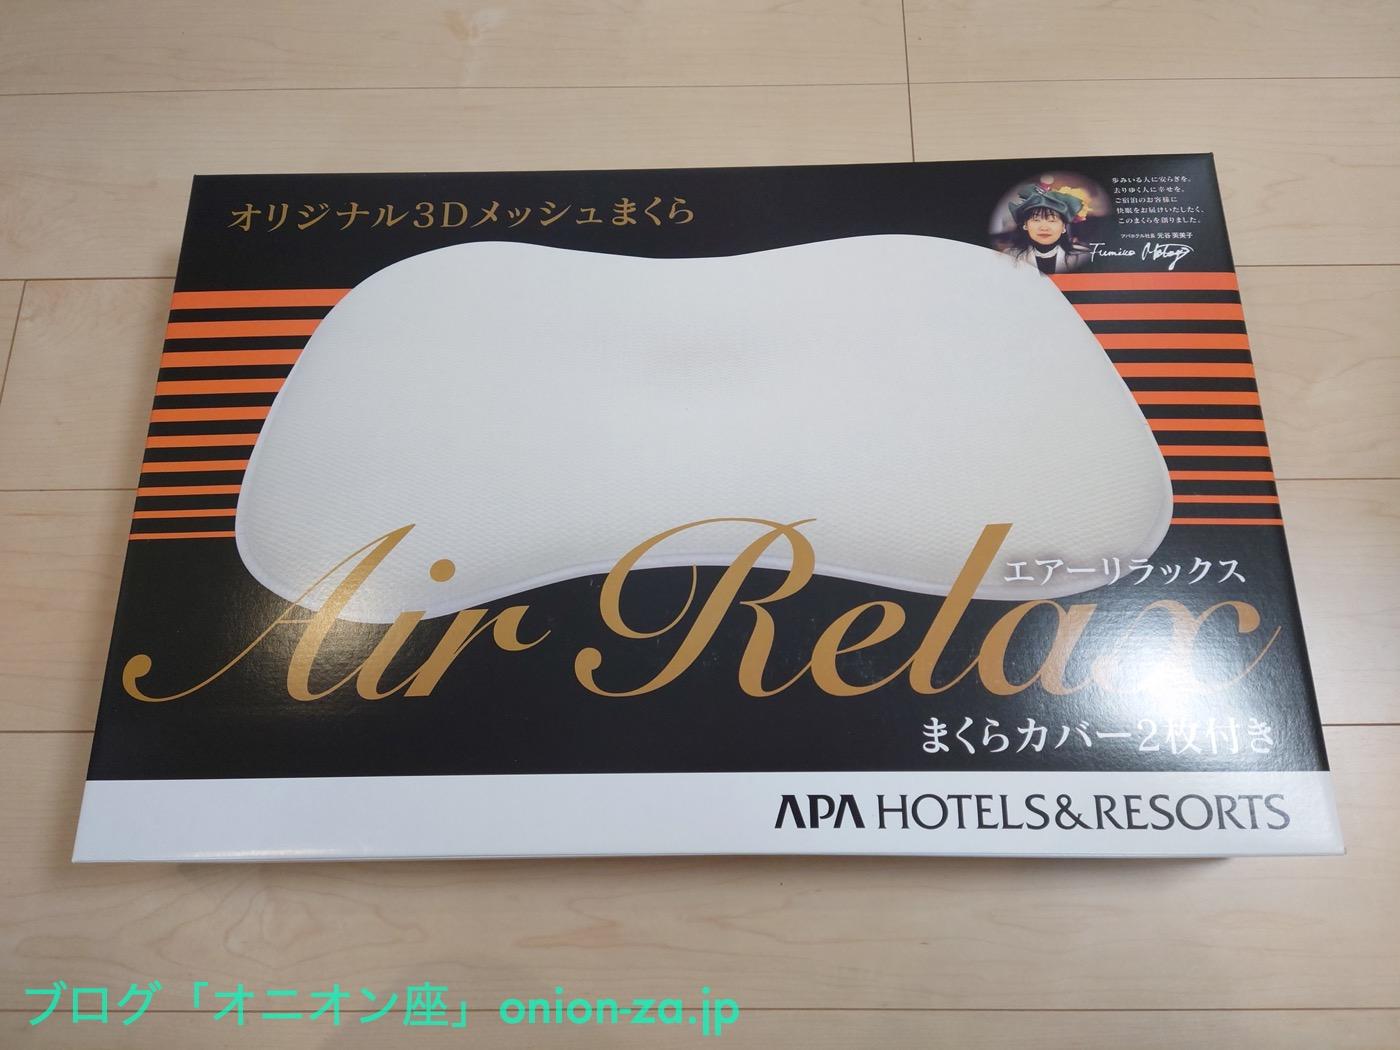 アパホテル公式枕「エアーリラックス」は普通にネットで買えた。